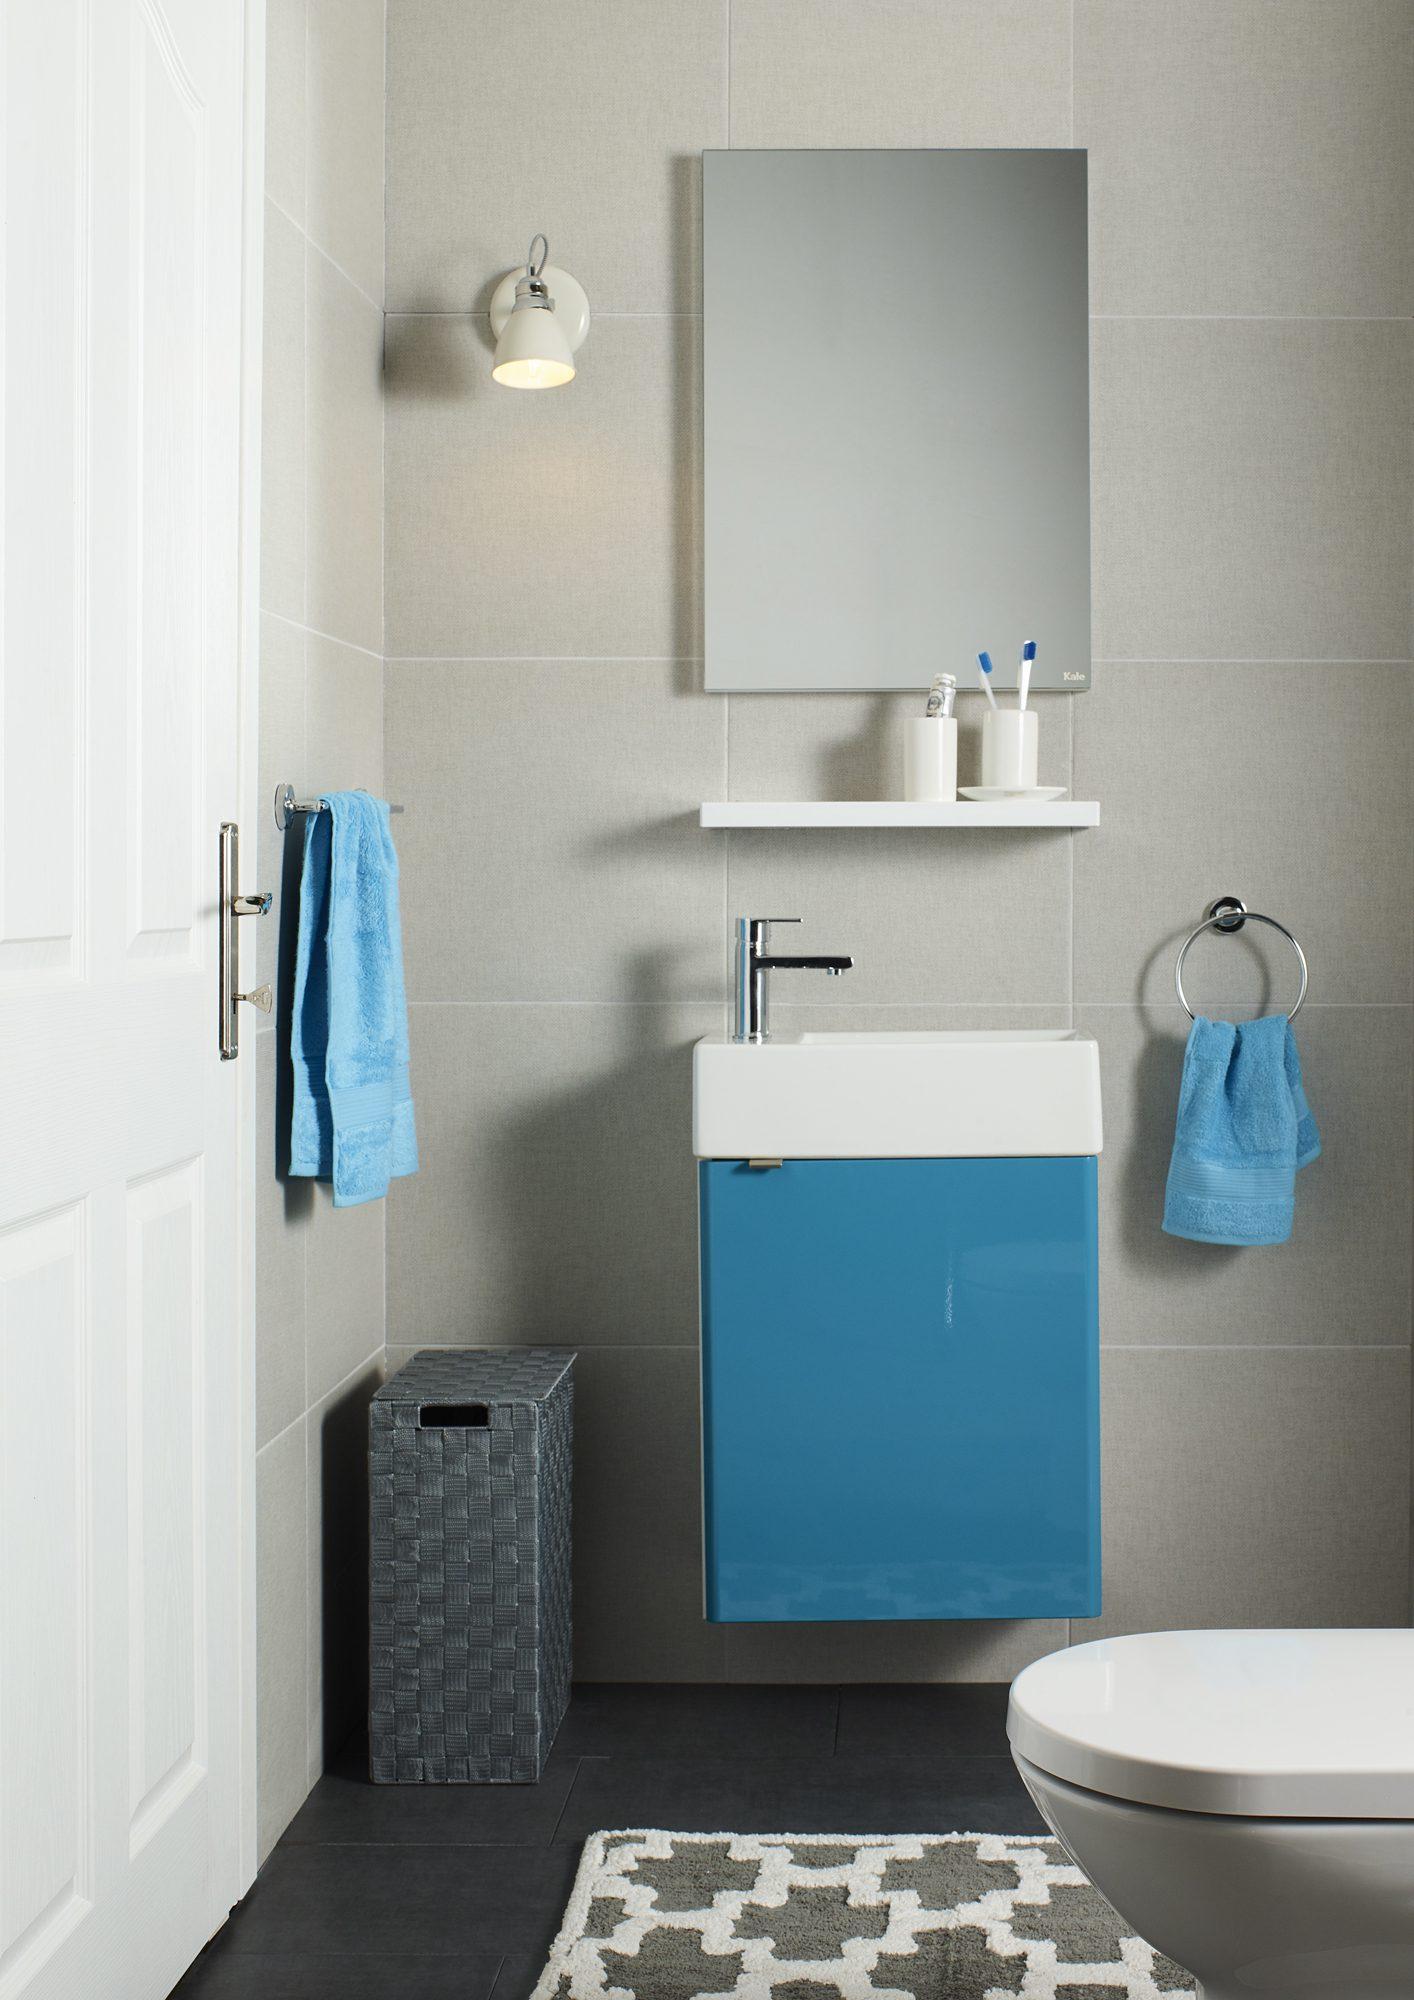 Banyo dolabı montajı nasıl yapılır?